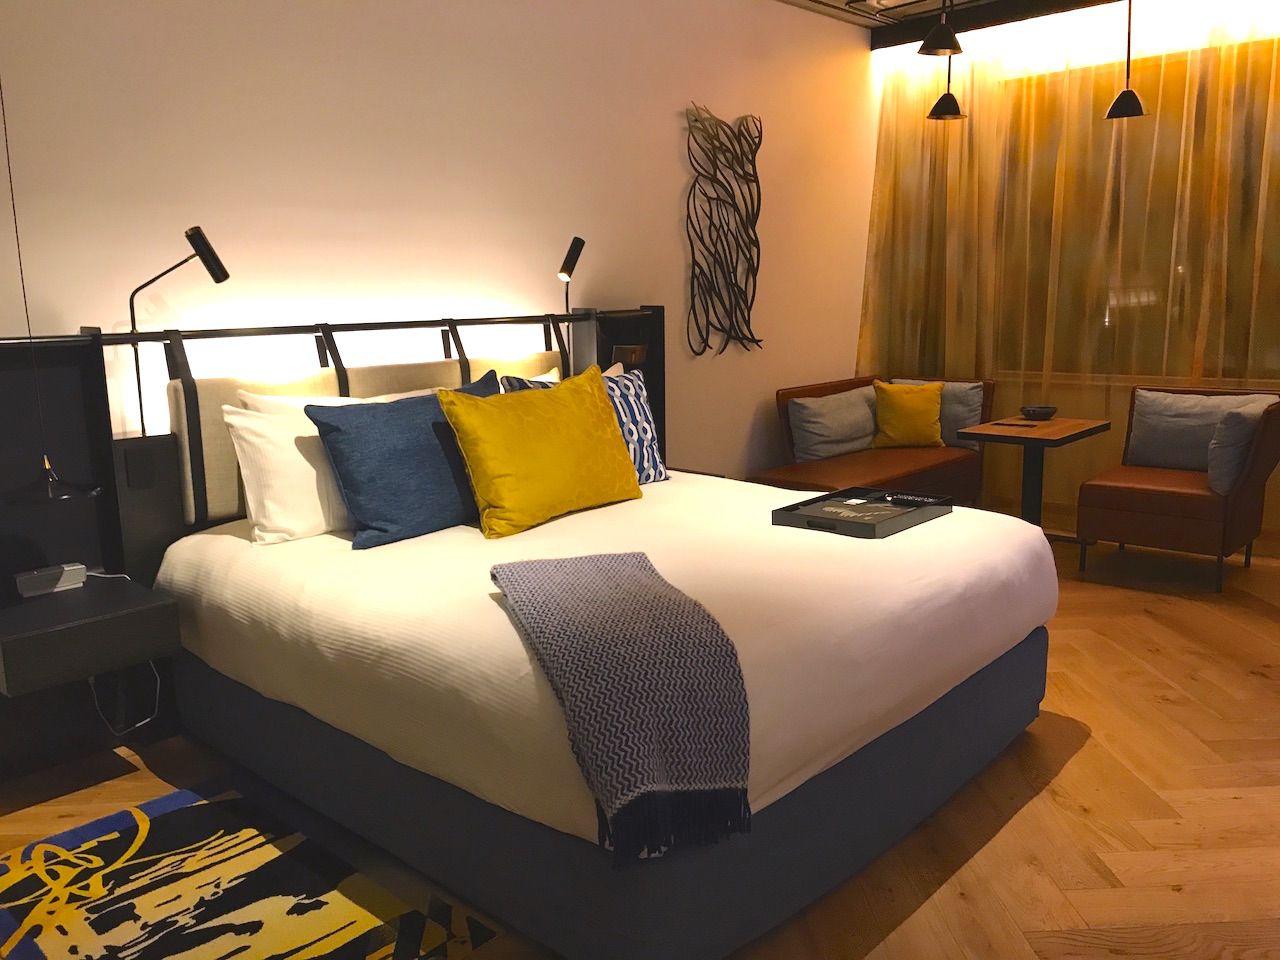 ファッション、アート、デザインと、ビジュアルにこだわったホテル